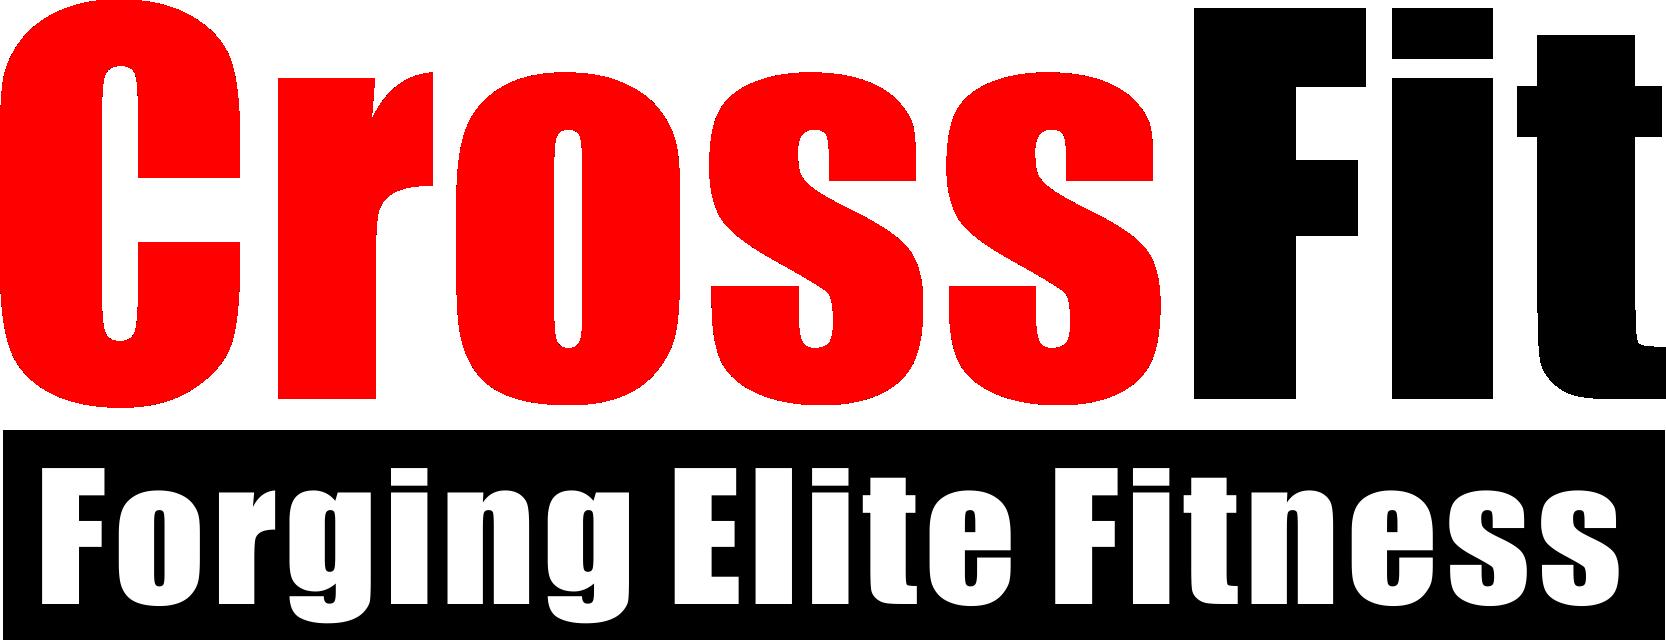 CrossFit-Logopng